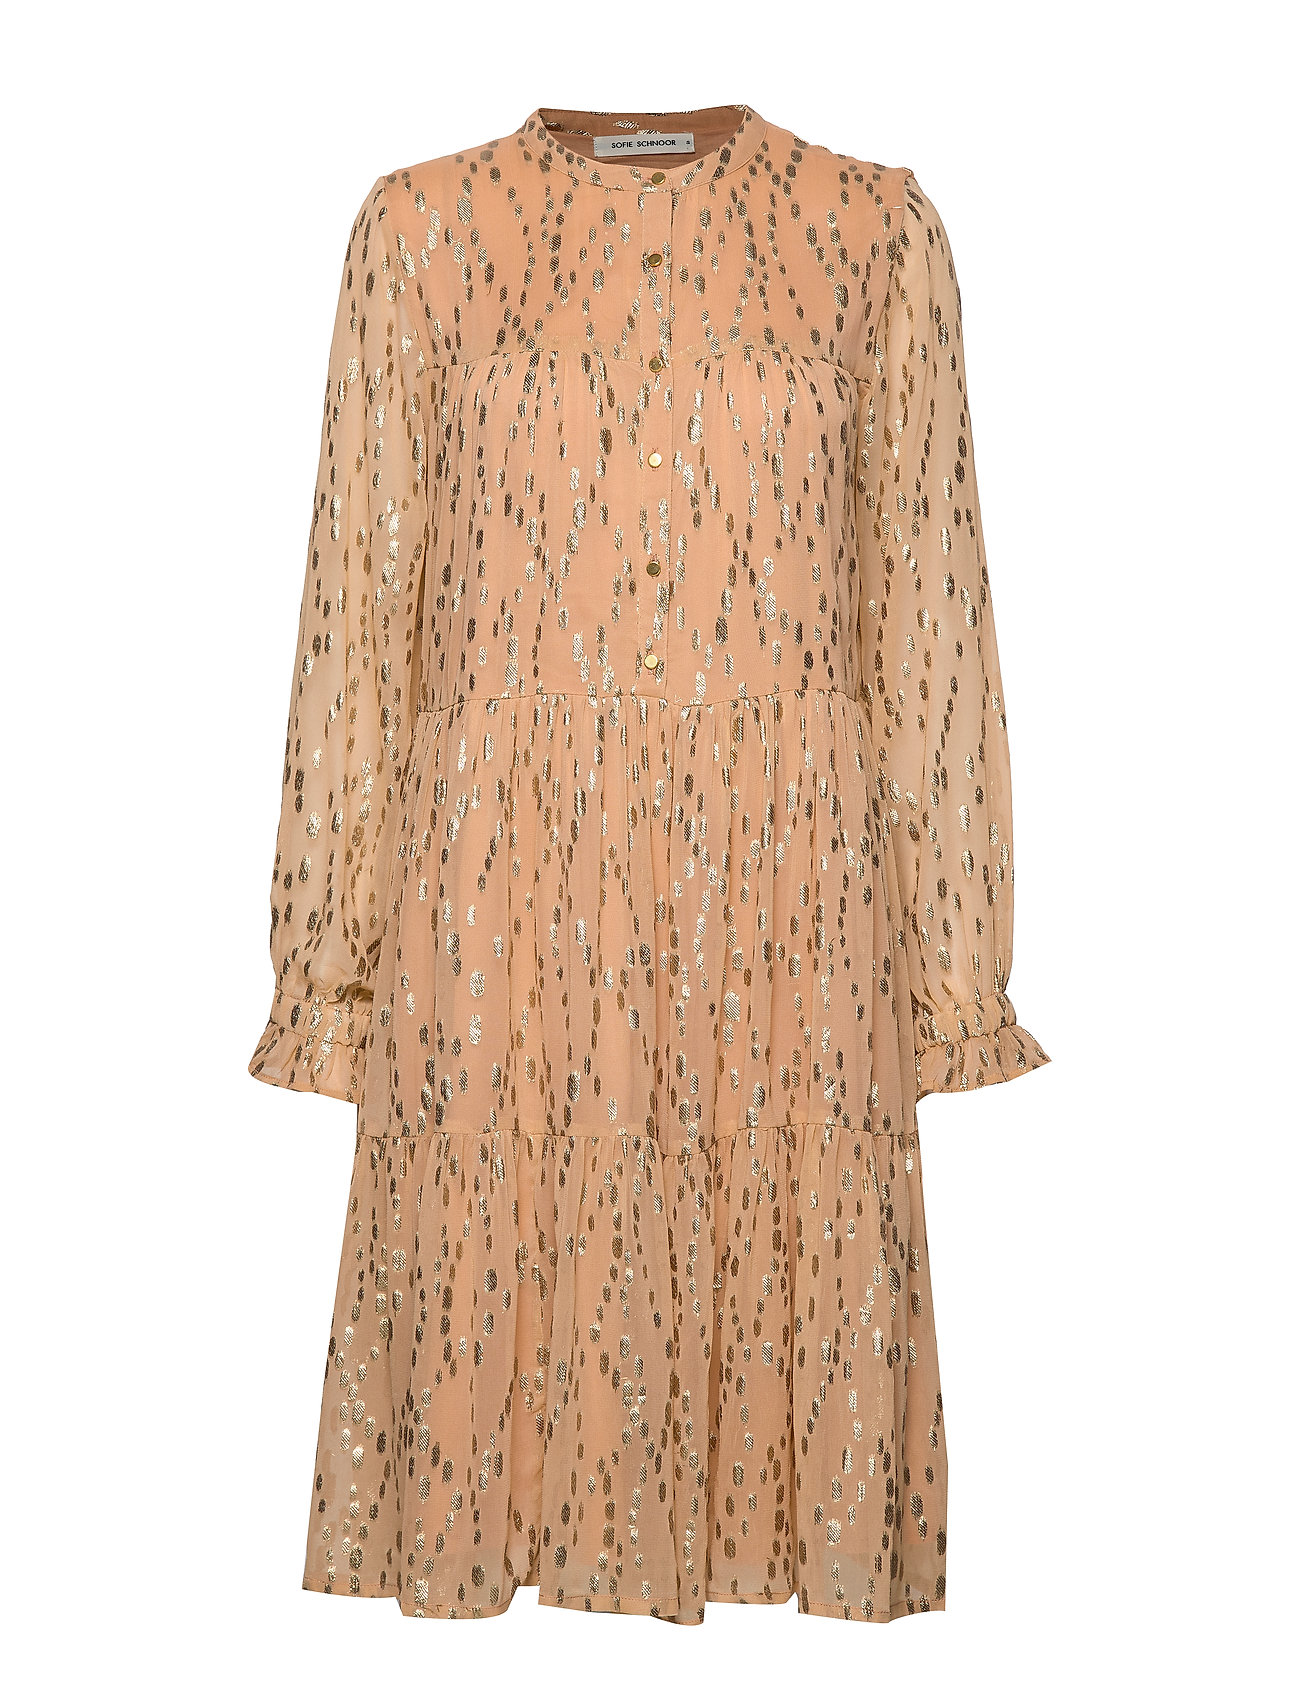 Sofie Schnoor Dress - CAMEL